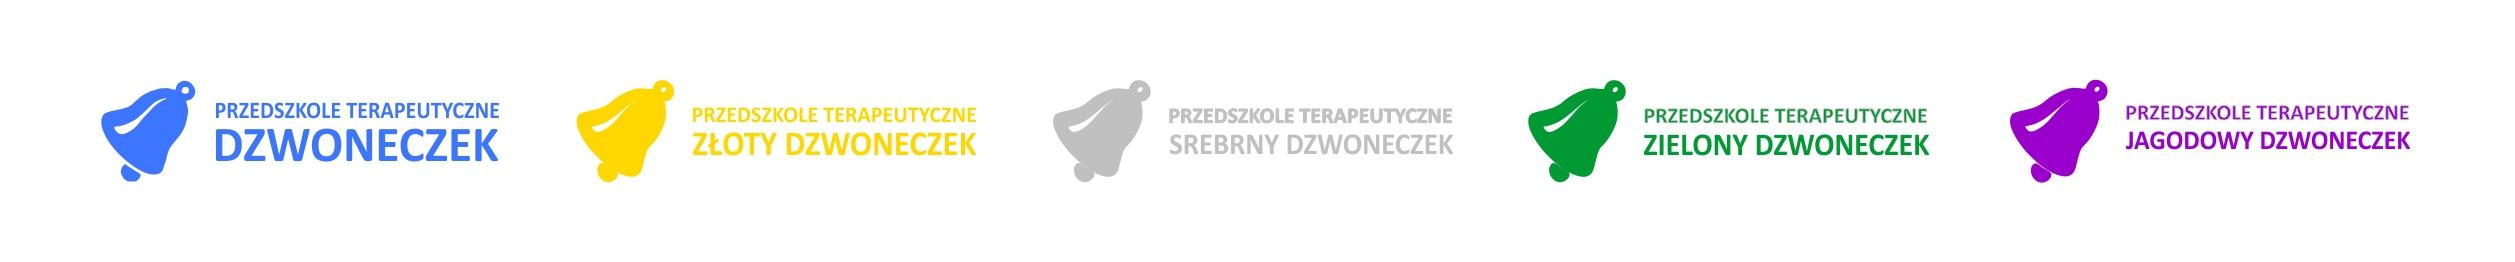 logo_dzwoneczkow-zbiorcze-pasek